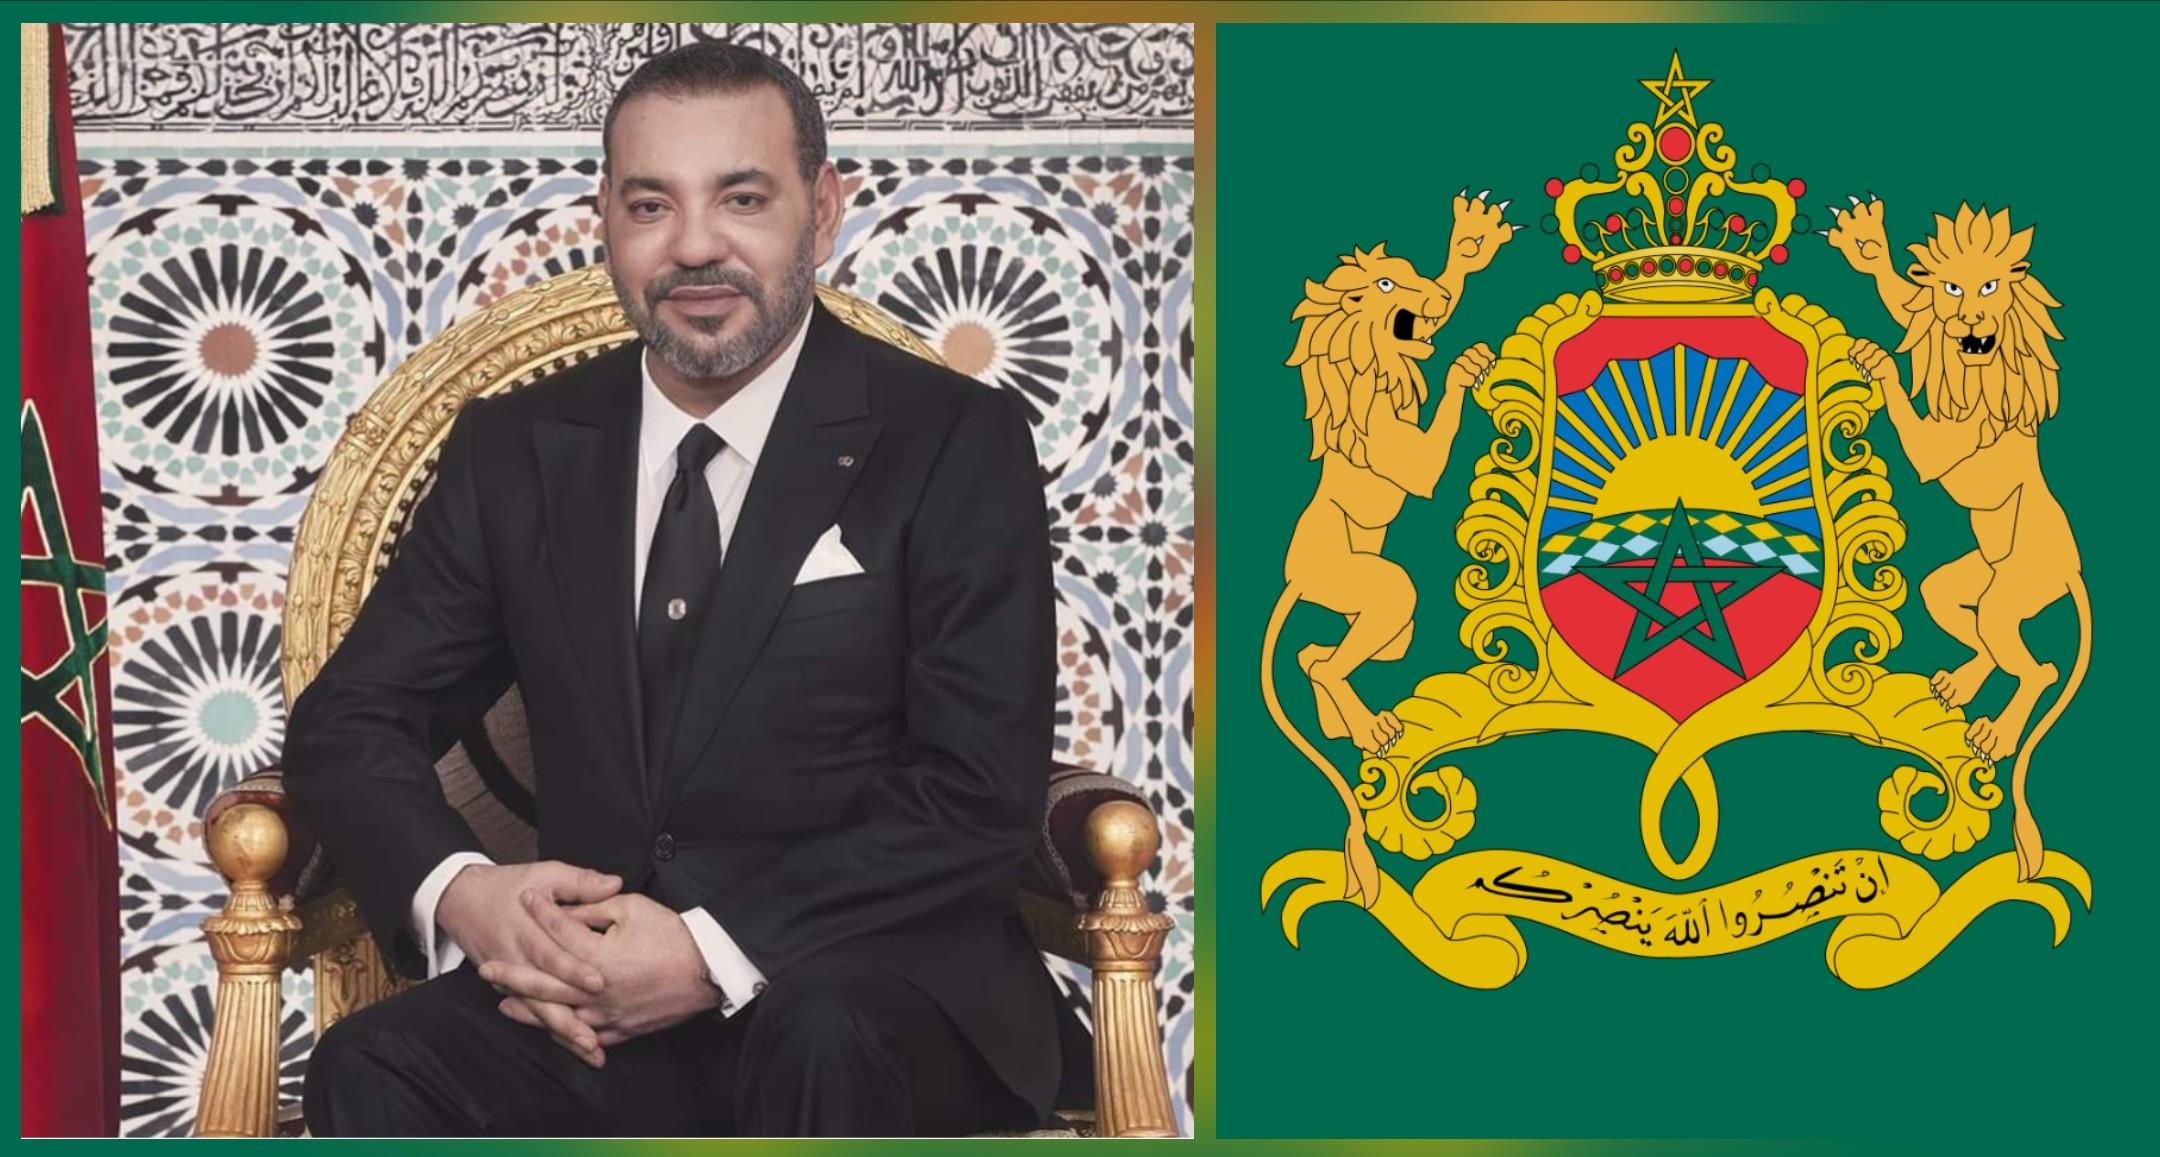 إشادة إعلامية دولية بتدابير المغرب ضد كورونا بقيادة الملك محمد السادس